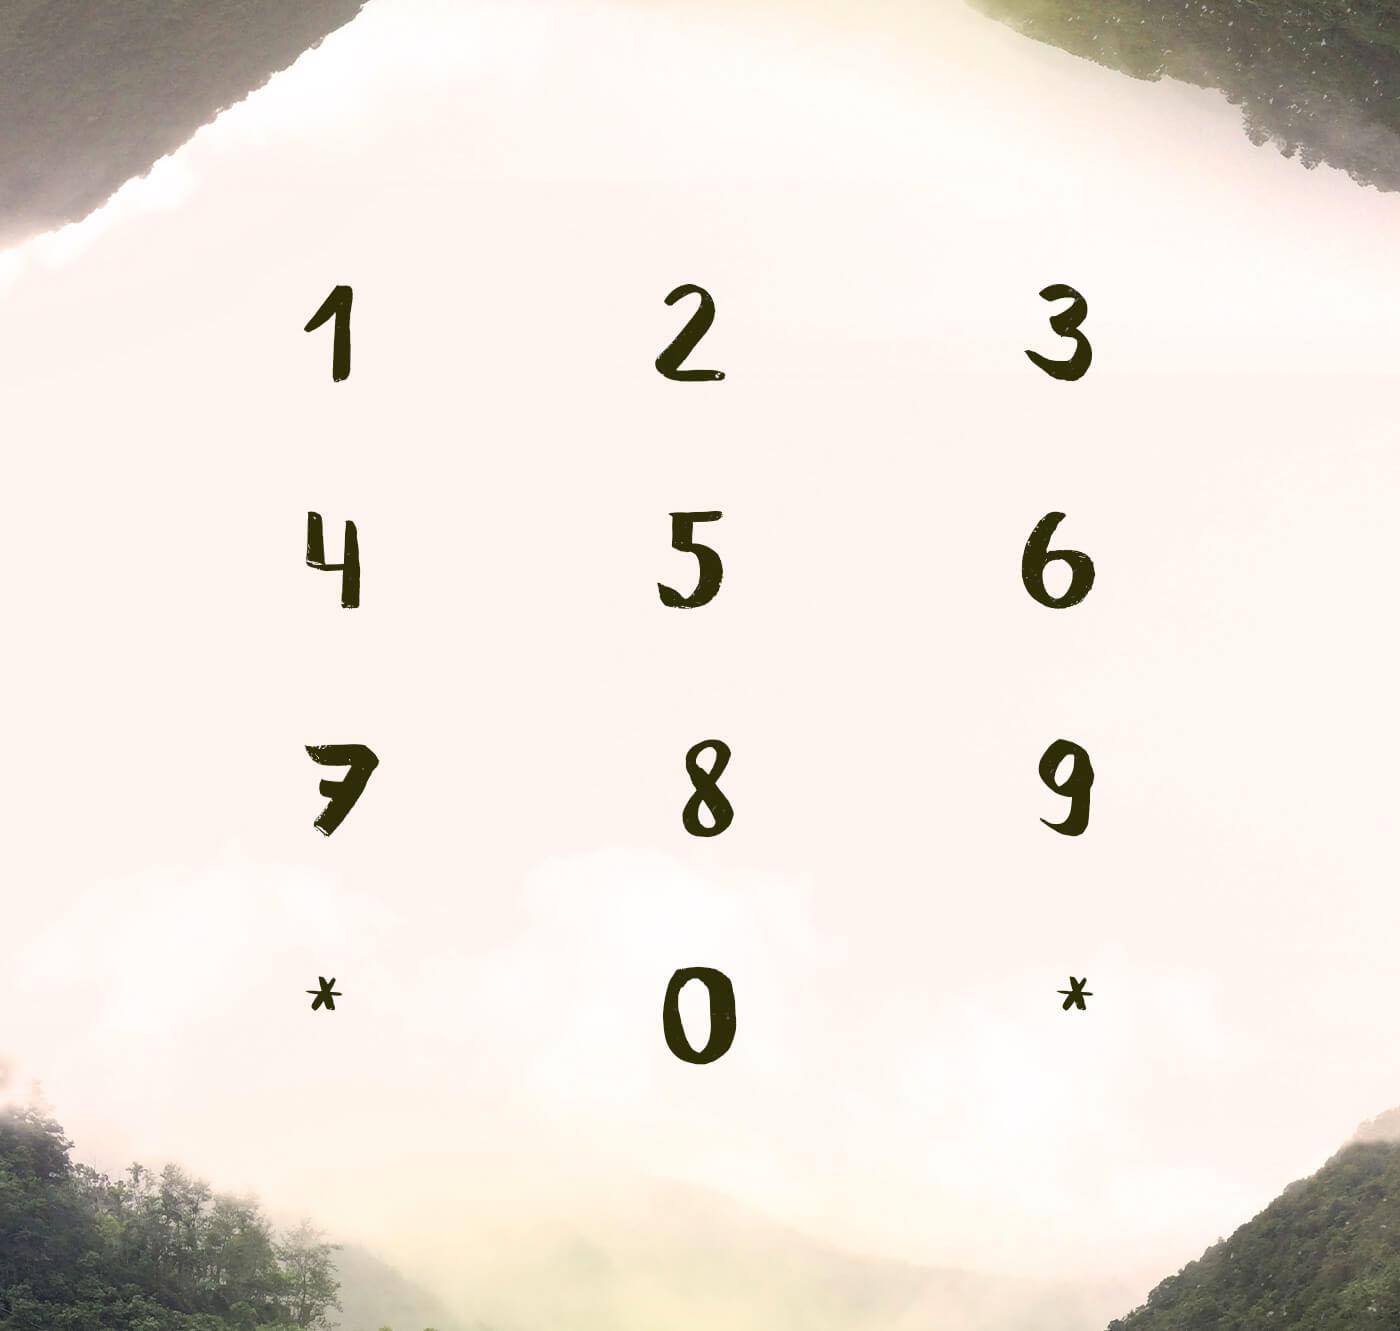 3126de42363037.57c9f77ce2f03